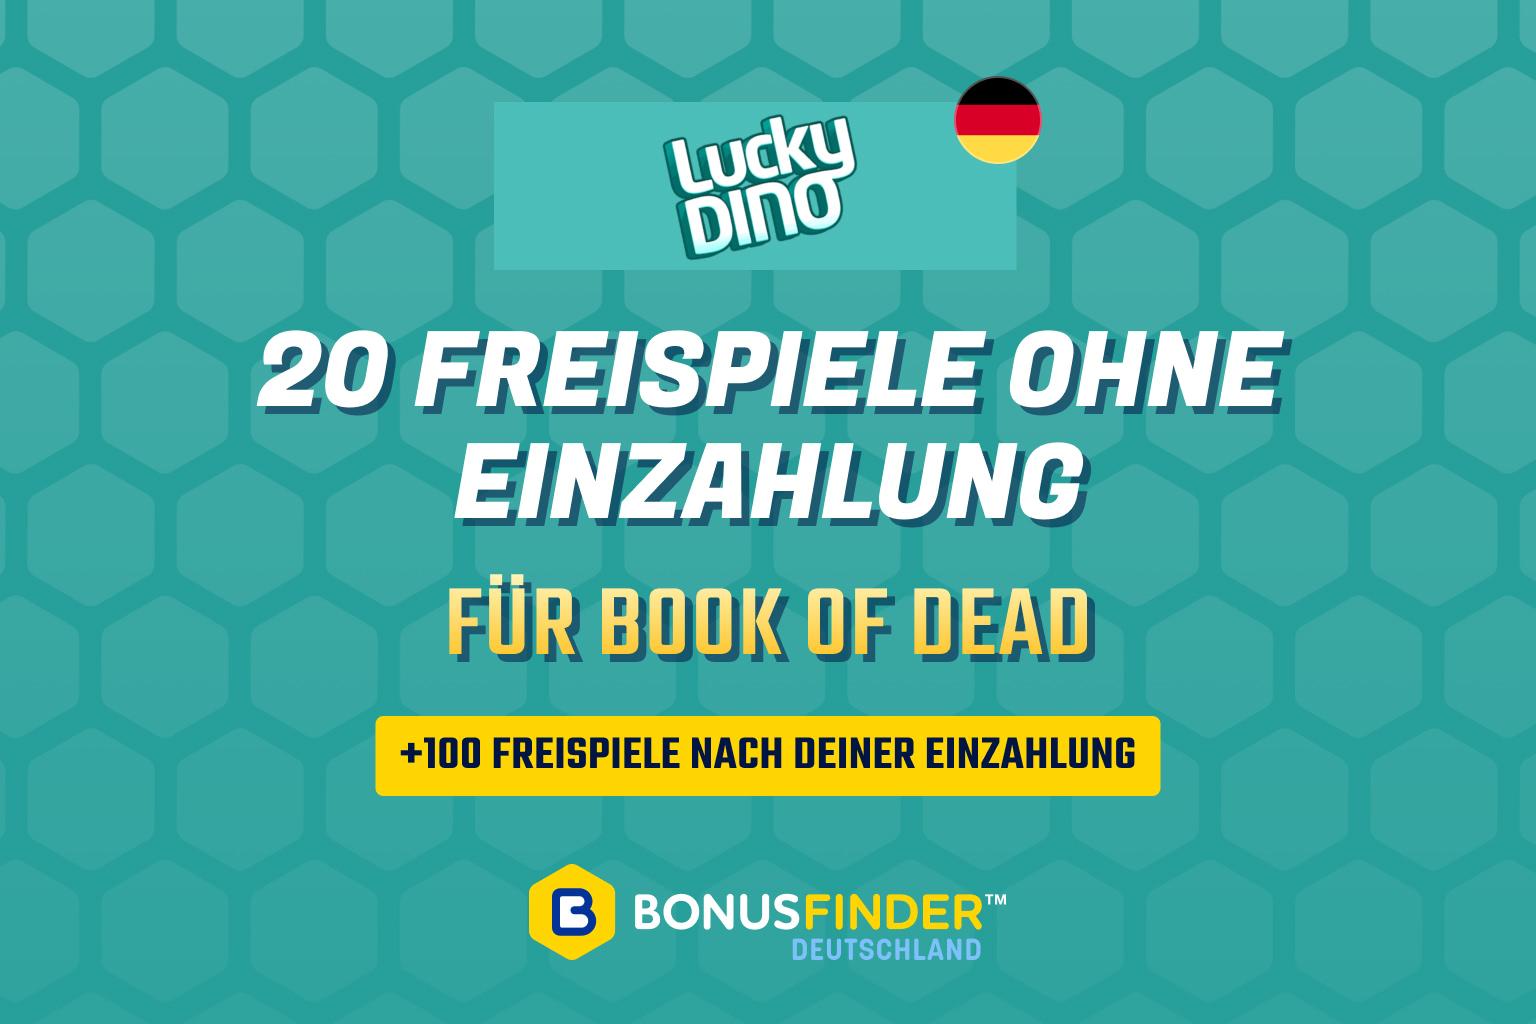 lucky dino book of dead freispiele